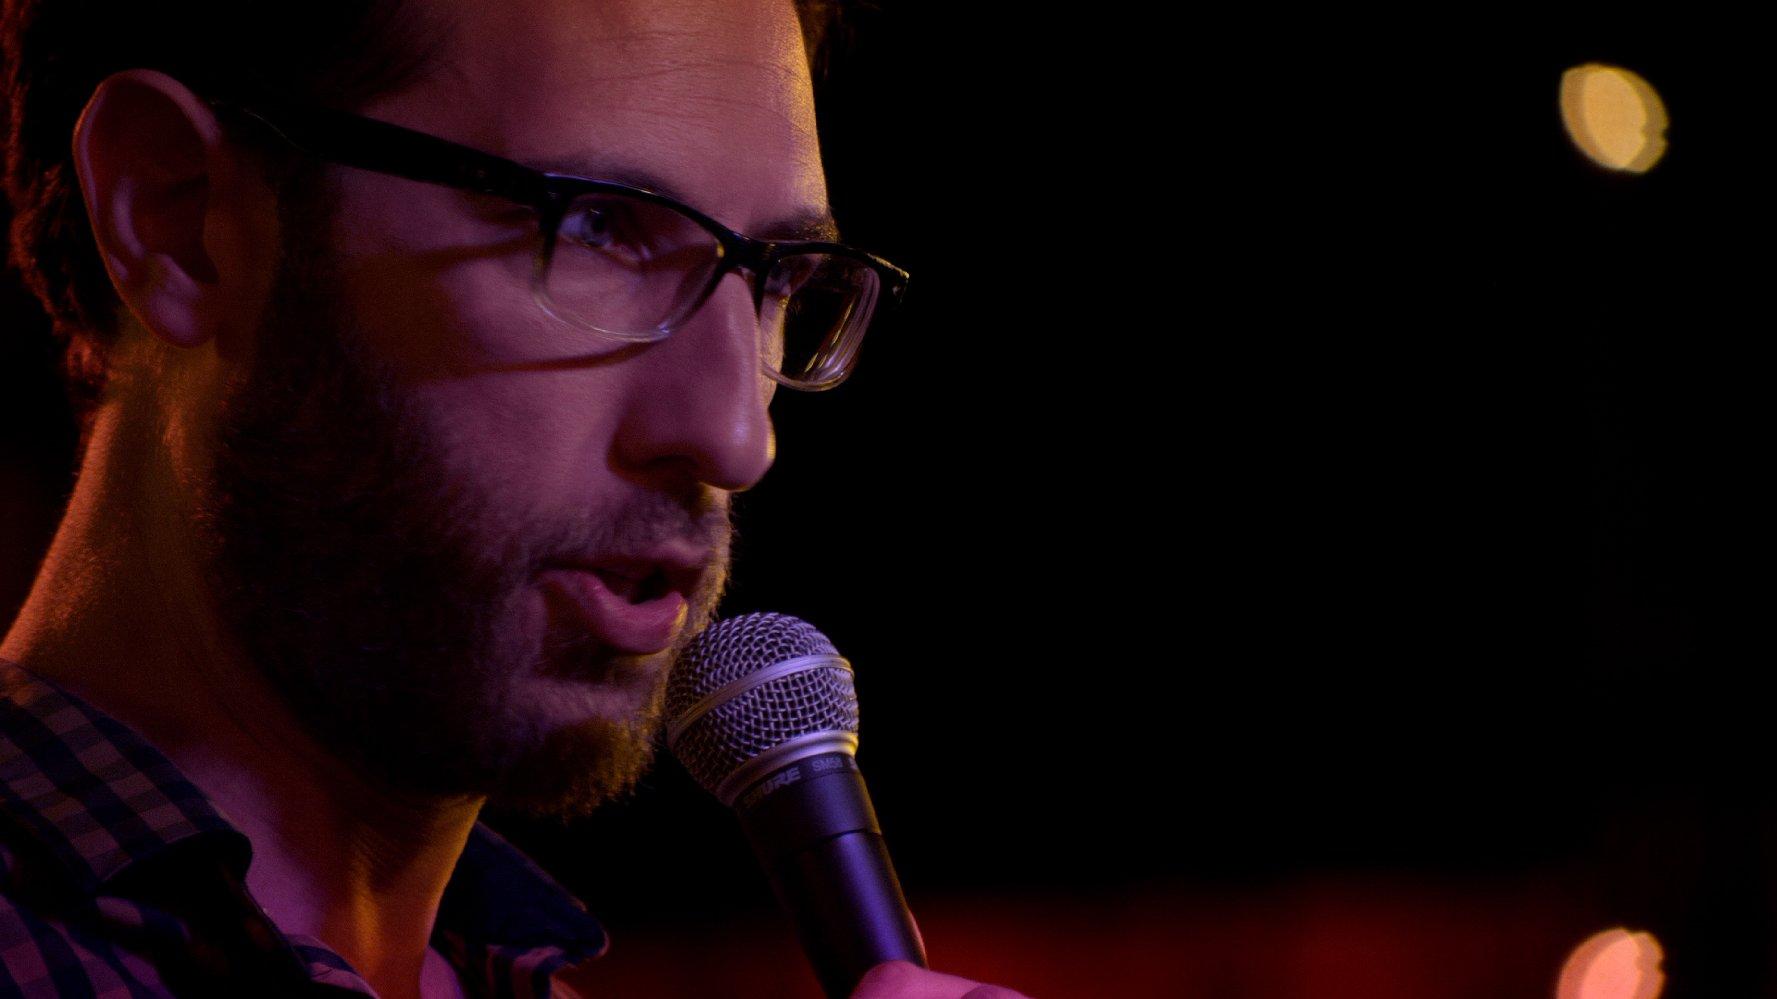 Ari Shaffir